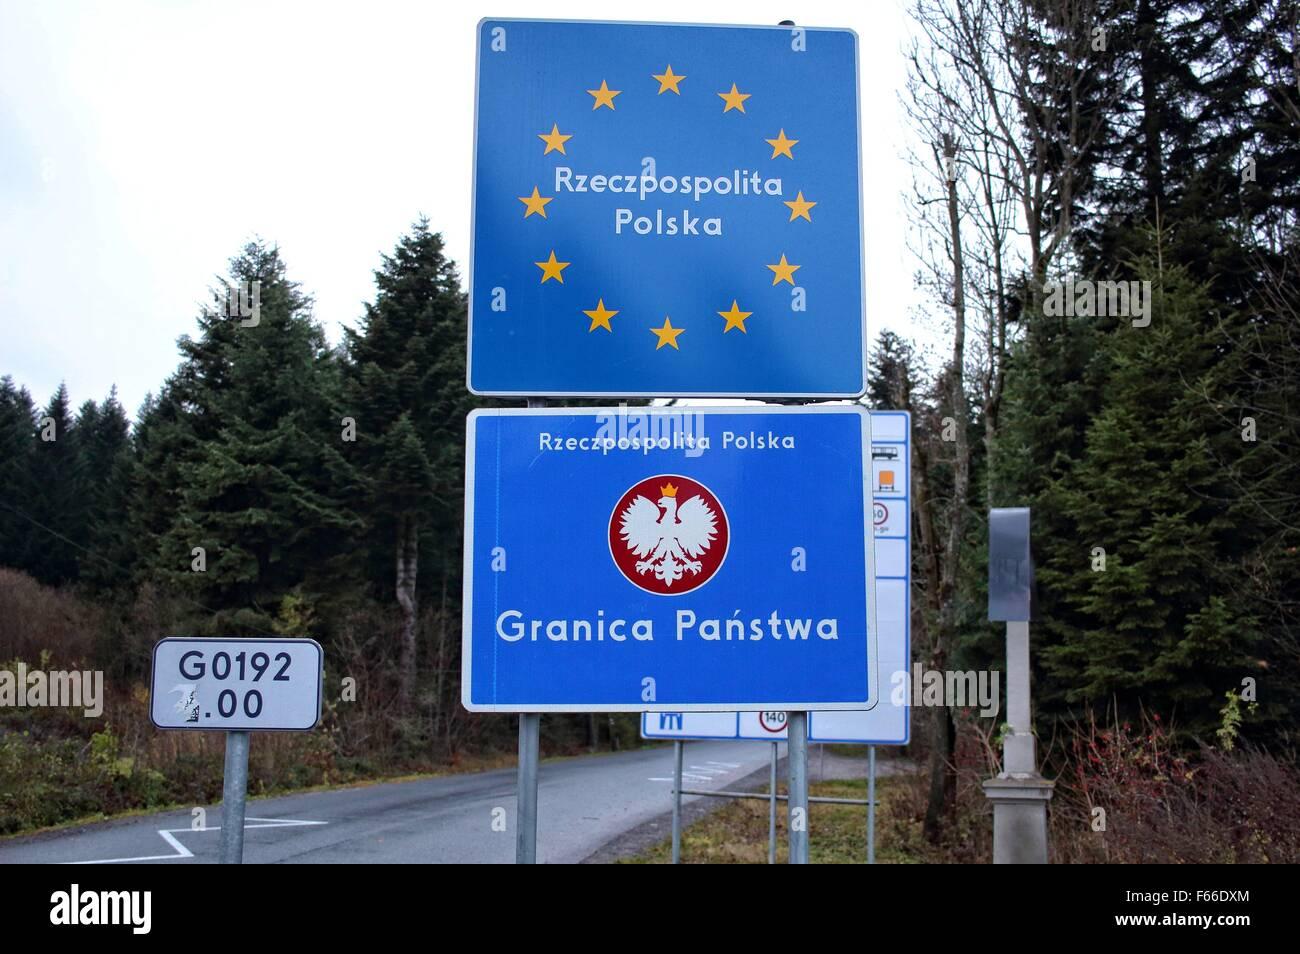 La Polonia e la Slovacchia, Muszynka 11th, nov. 2015 confine tra Polonia e  Slovacchia vicino al villaggio polacco di Muszynka. Indicazioni stradali  visualizzare i limiti di velocità in entrambi i paesi e